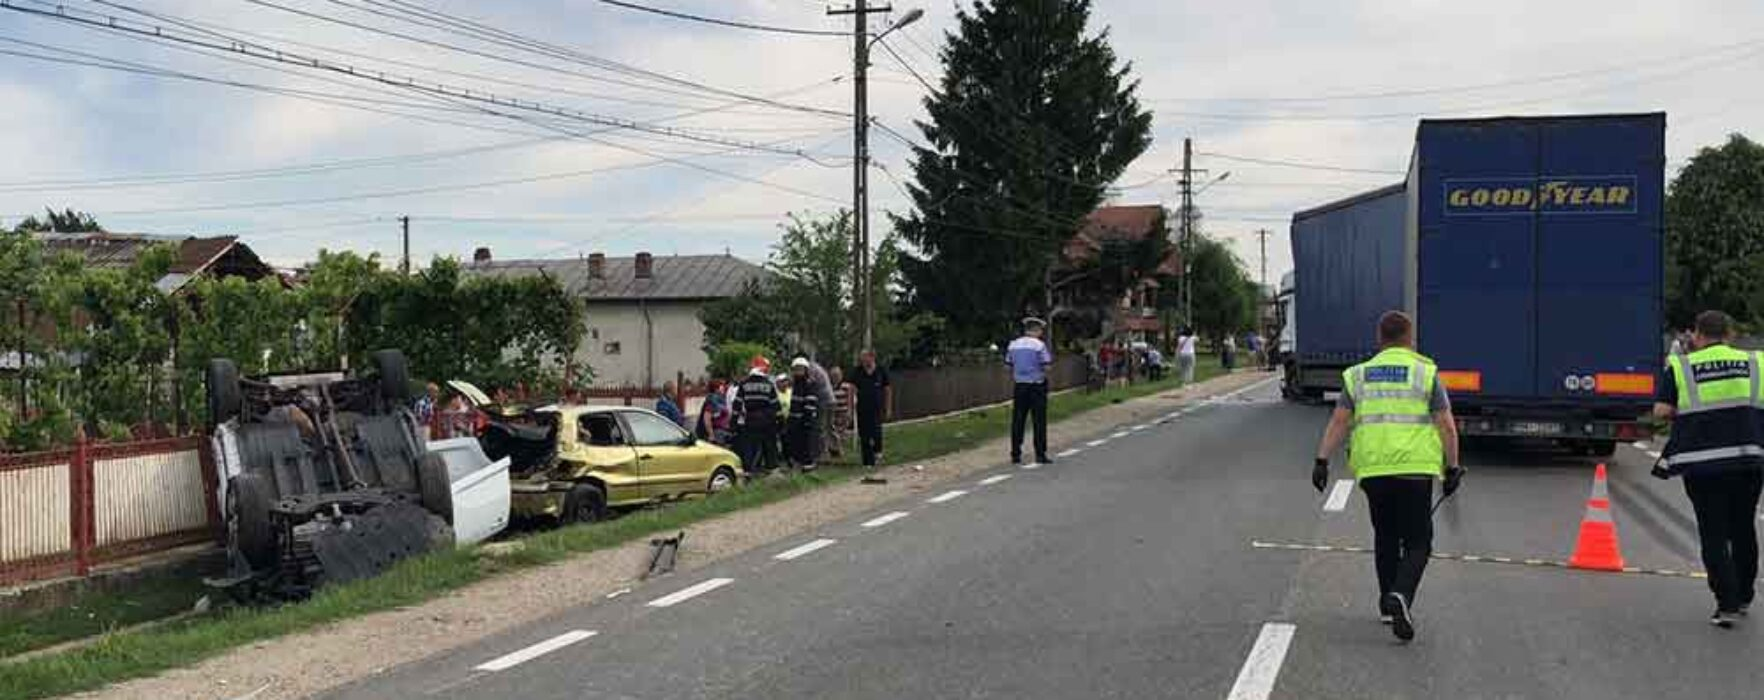 Traficul blocat pe DN 72 Găeşti-Târgovişte din cauza unui accident în care sunt implicate patru autovehicule